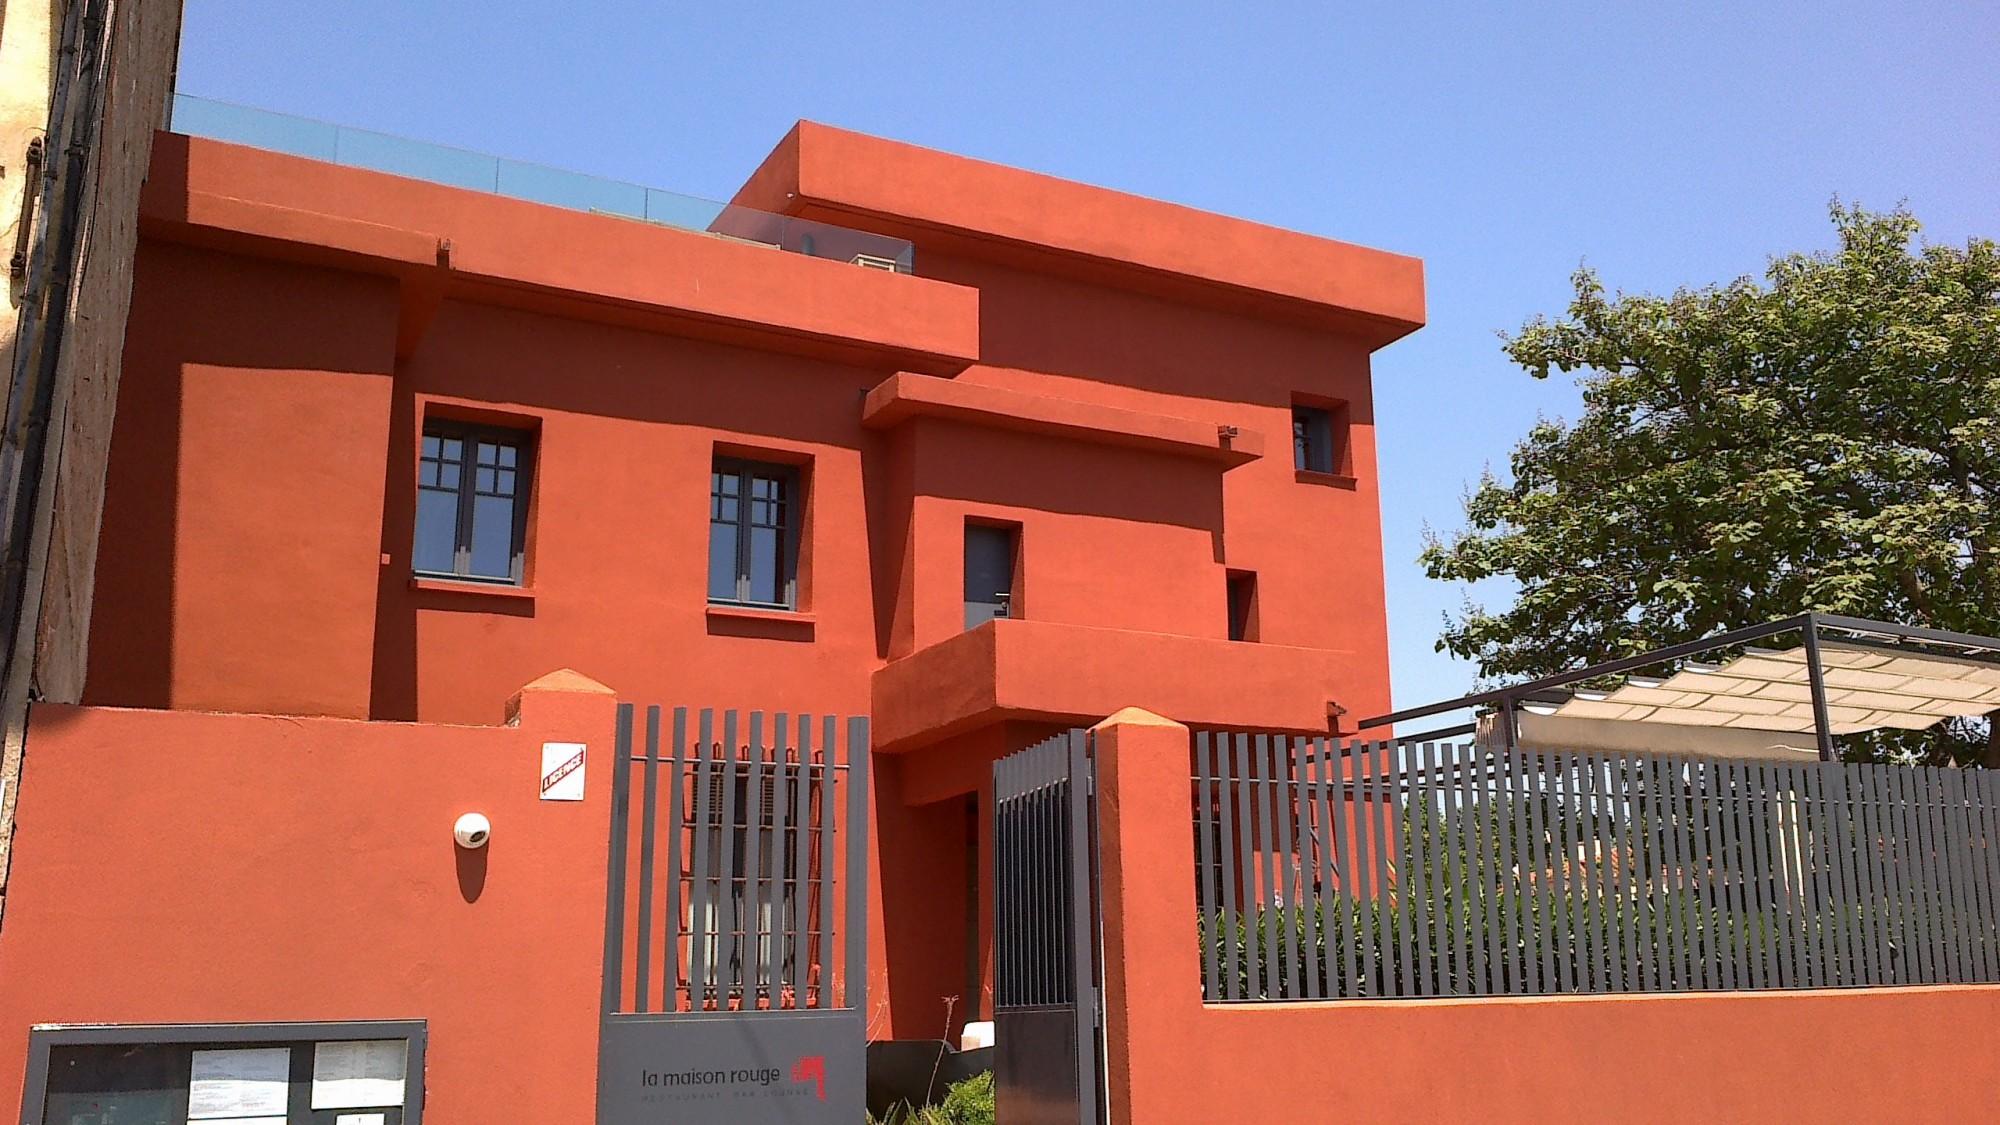 raoul castan perpignan la catalane perpiny la catalana. Black Bedroom Furniture Sets. Home Design Ideas